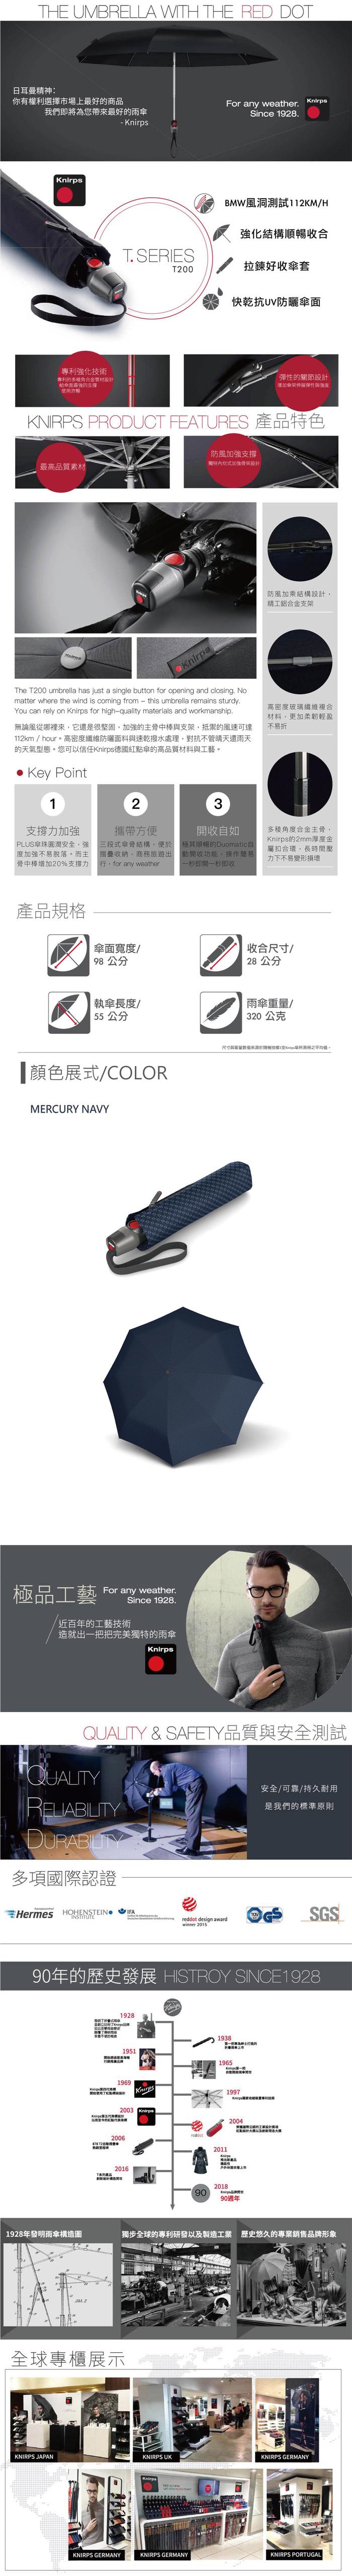 (複製)Knirps®德國紅點傘 T.200 自動開收傘- Saturn Rock